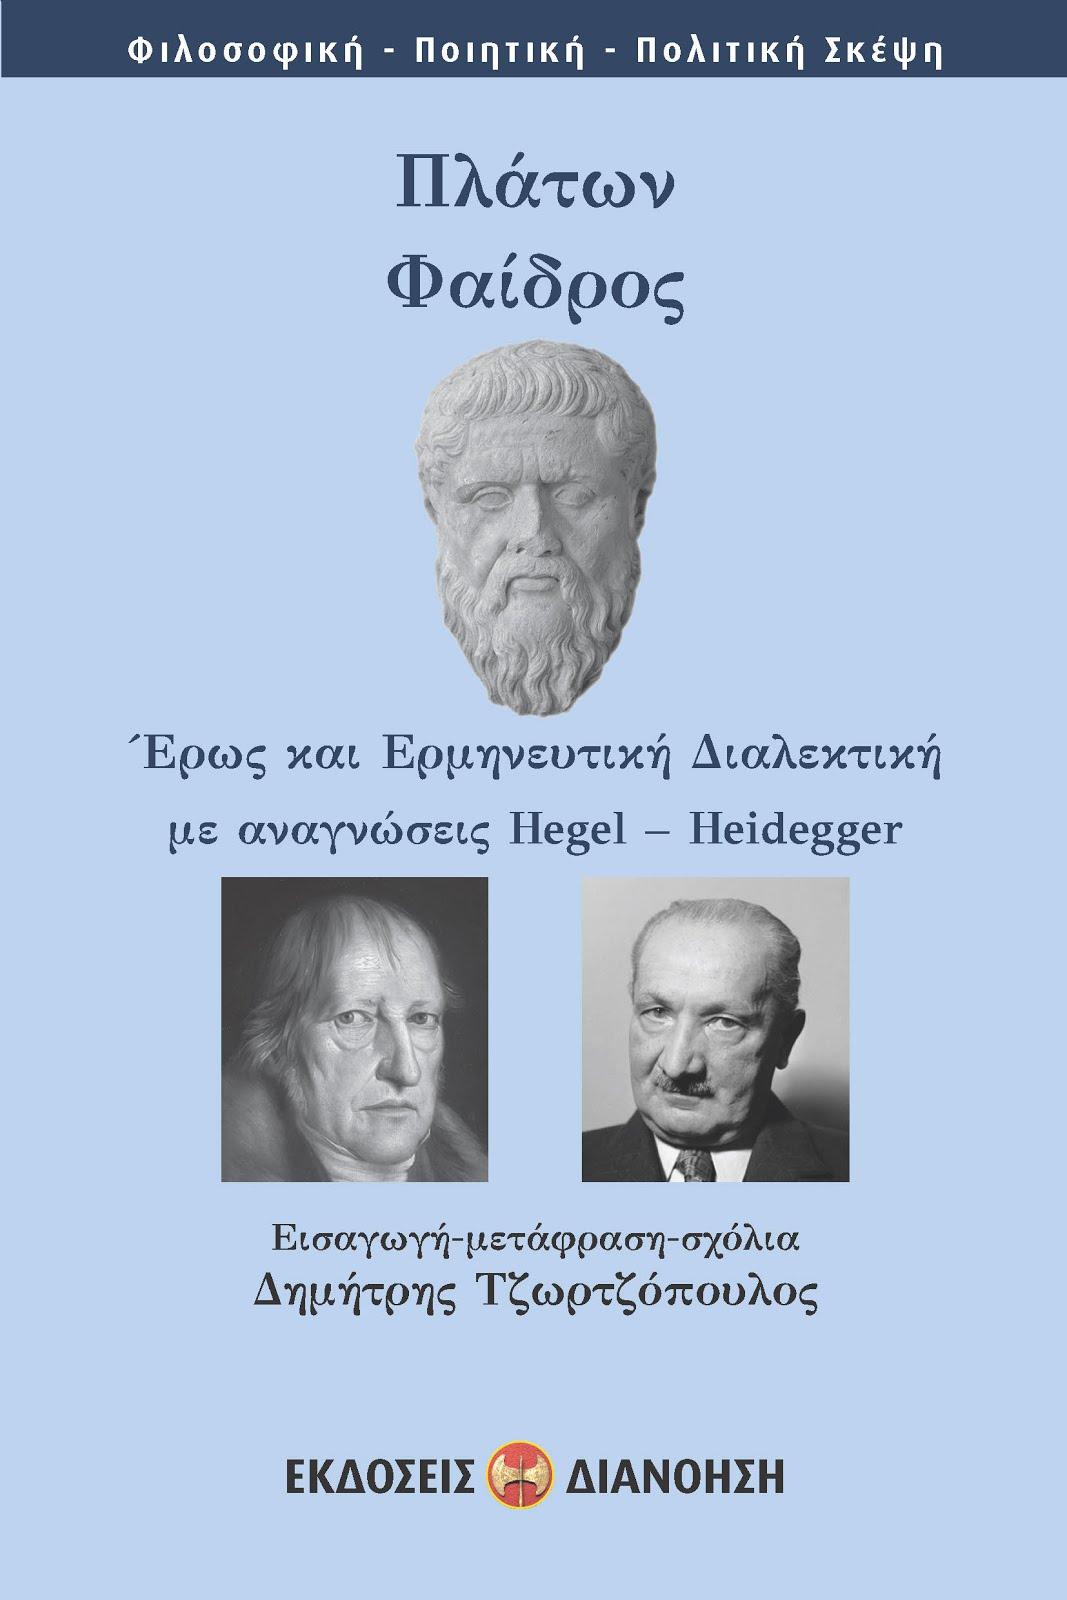 Πλάτων Φαίδρος & Hegel-Heidegger